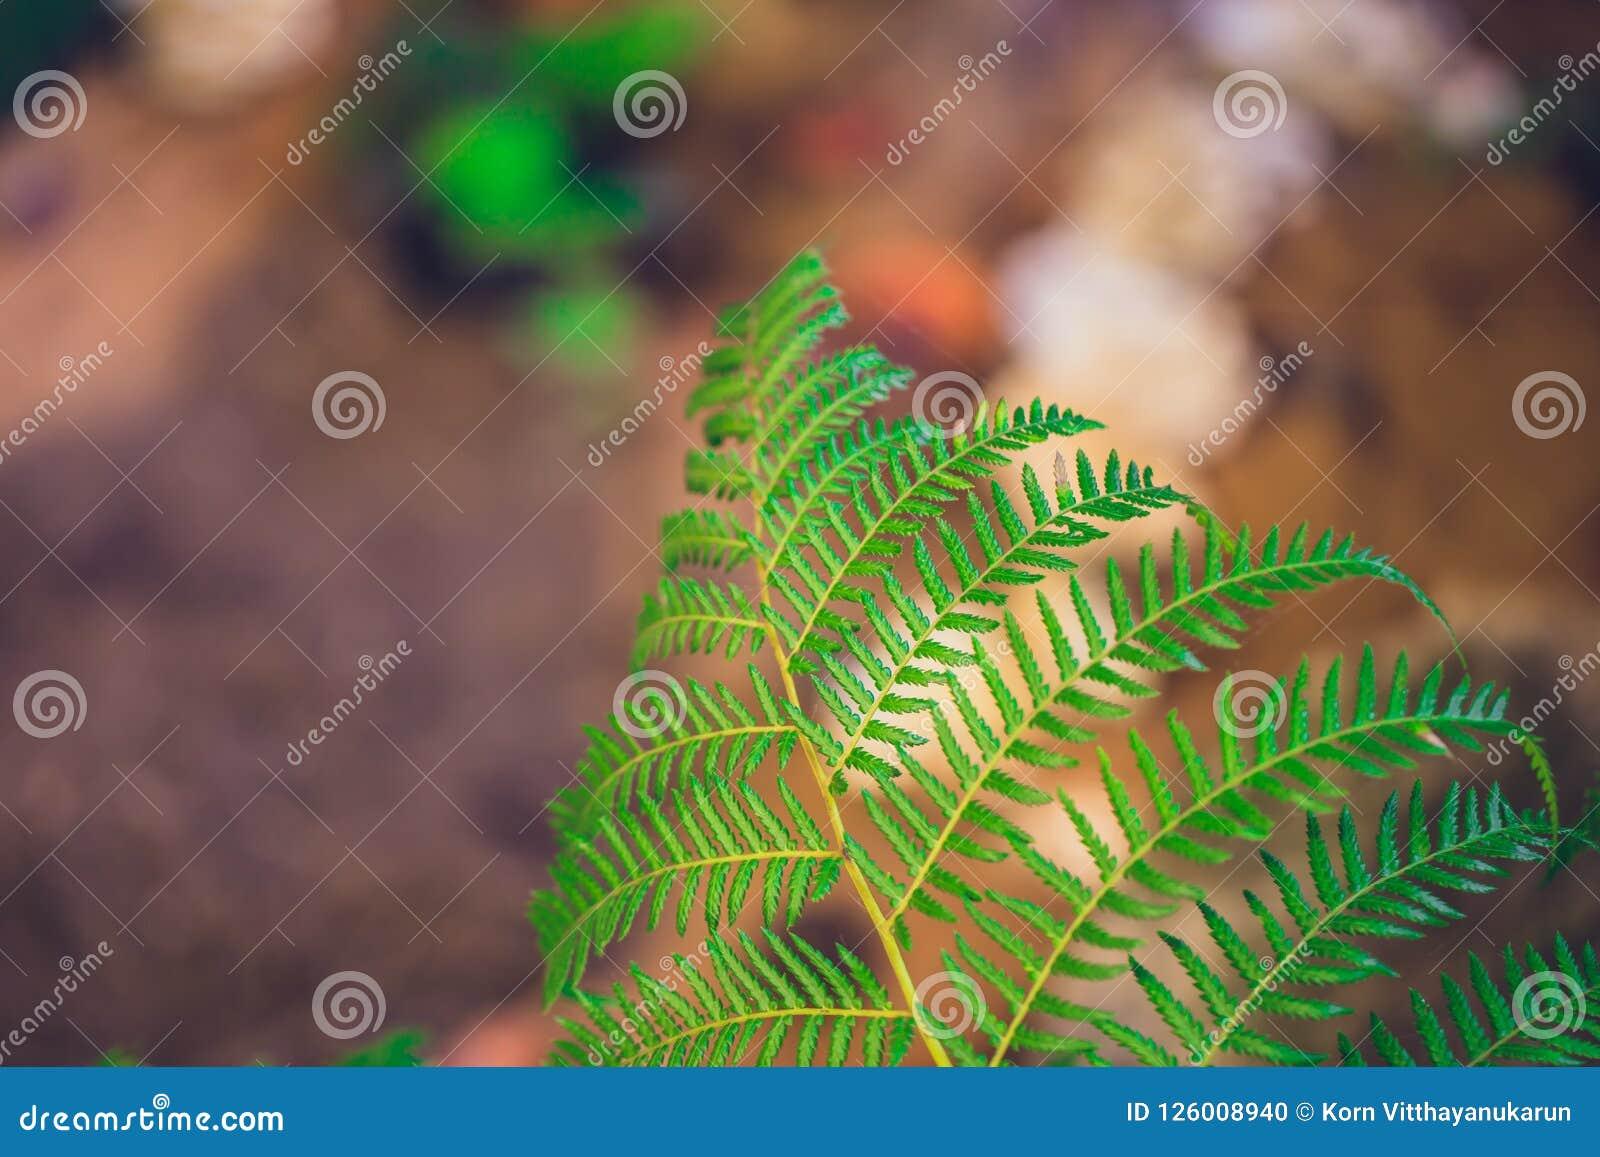 Zielona ekologia, paproć w tropikalnym lesie deszczowym